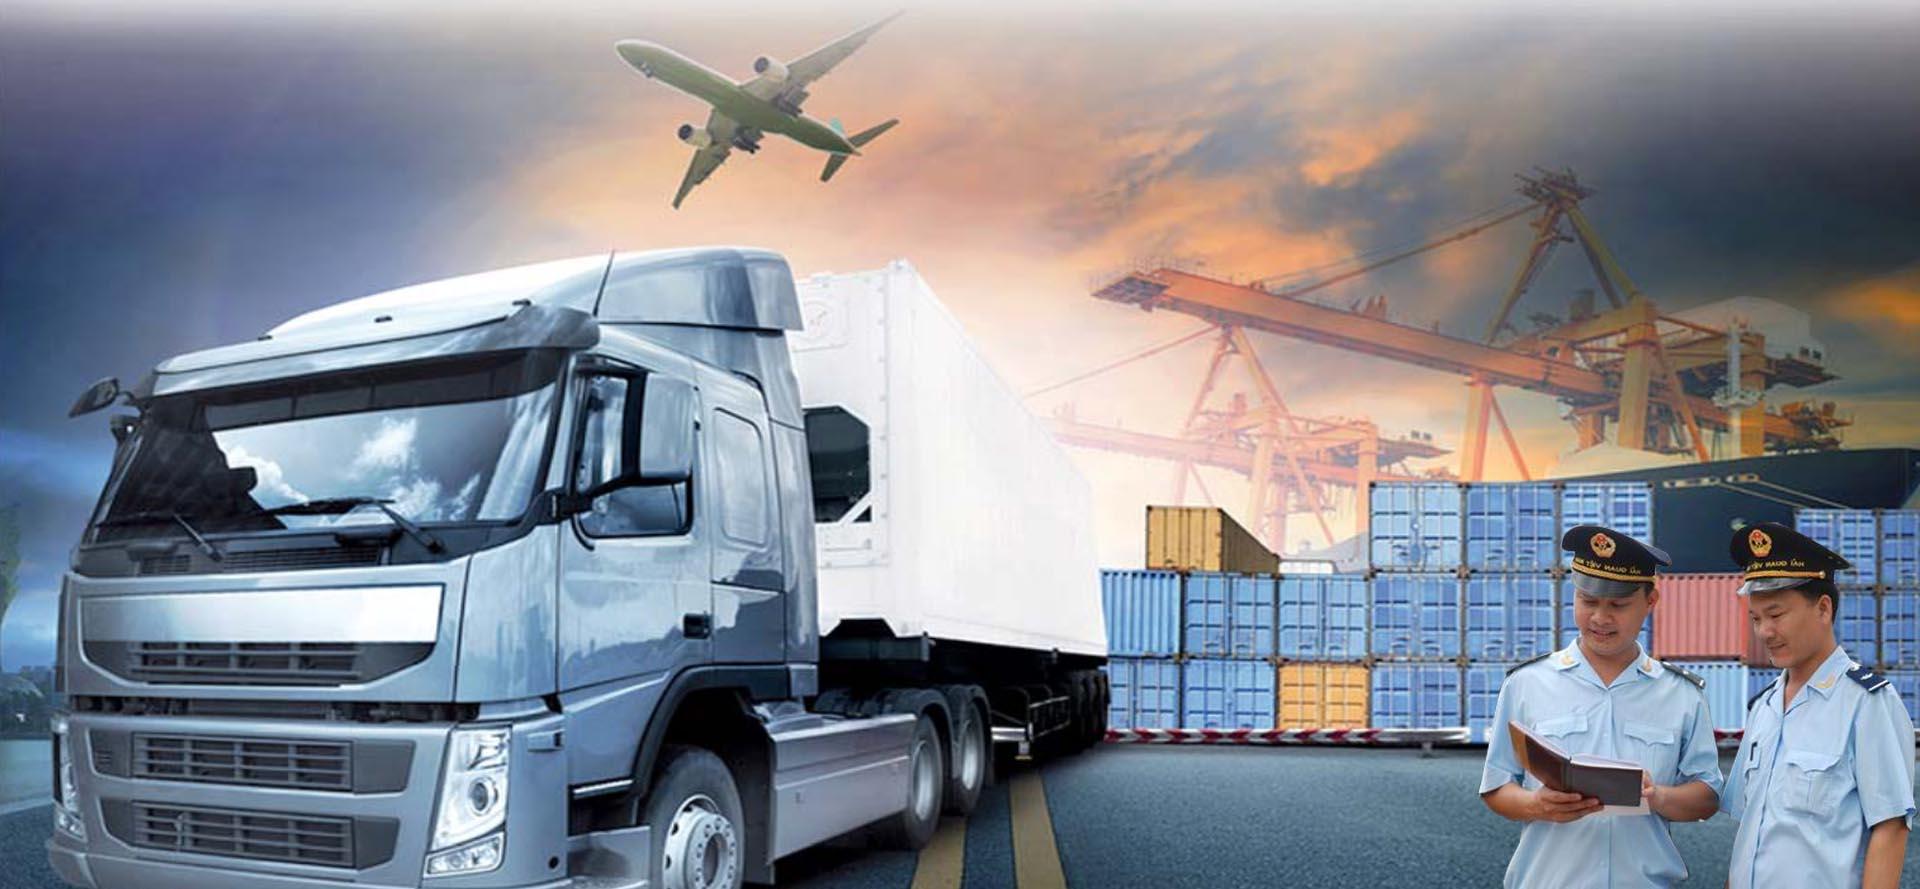 Chuyển phát nhanh và làm thủ tục hải quan các loại hóa chất nhập khẩu